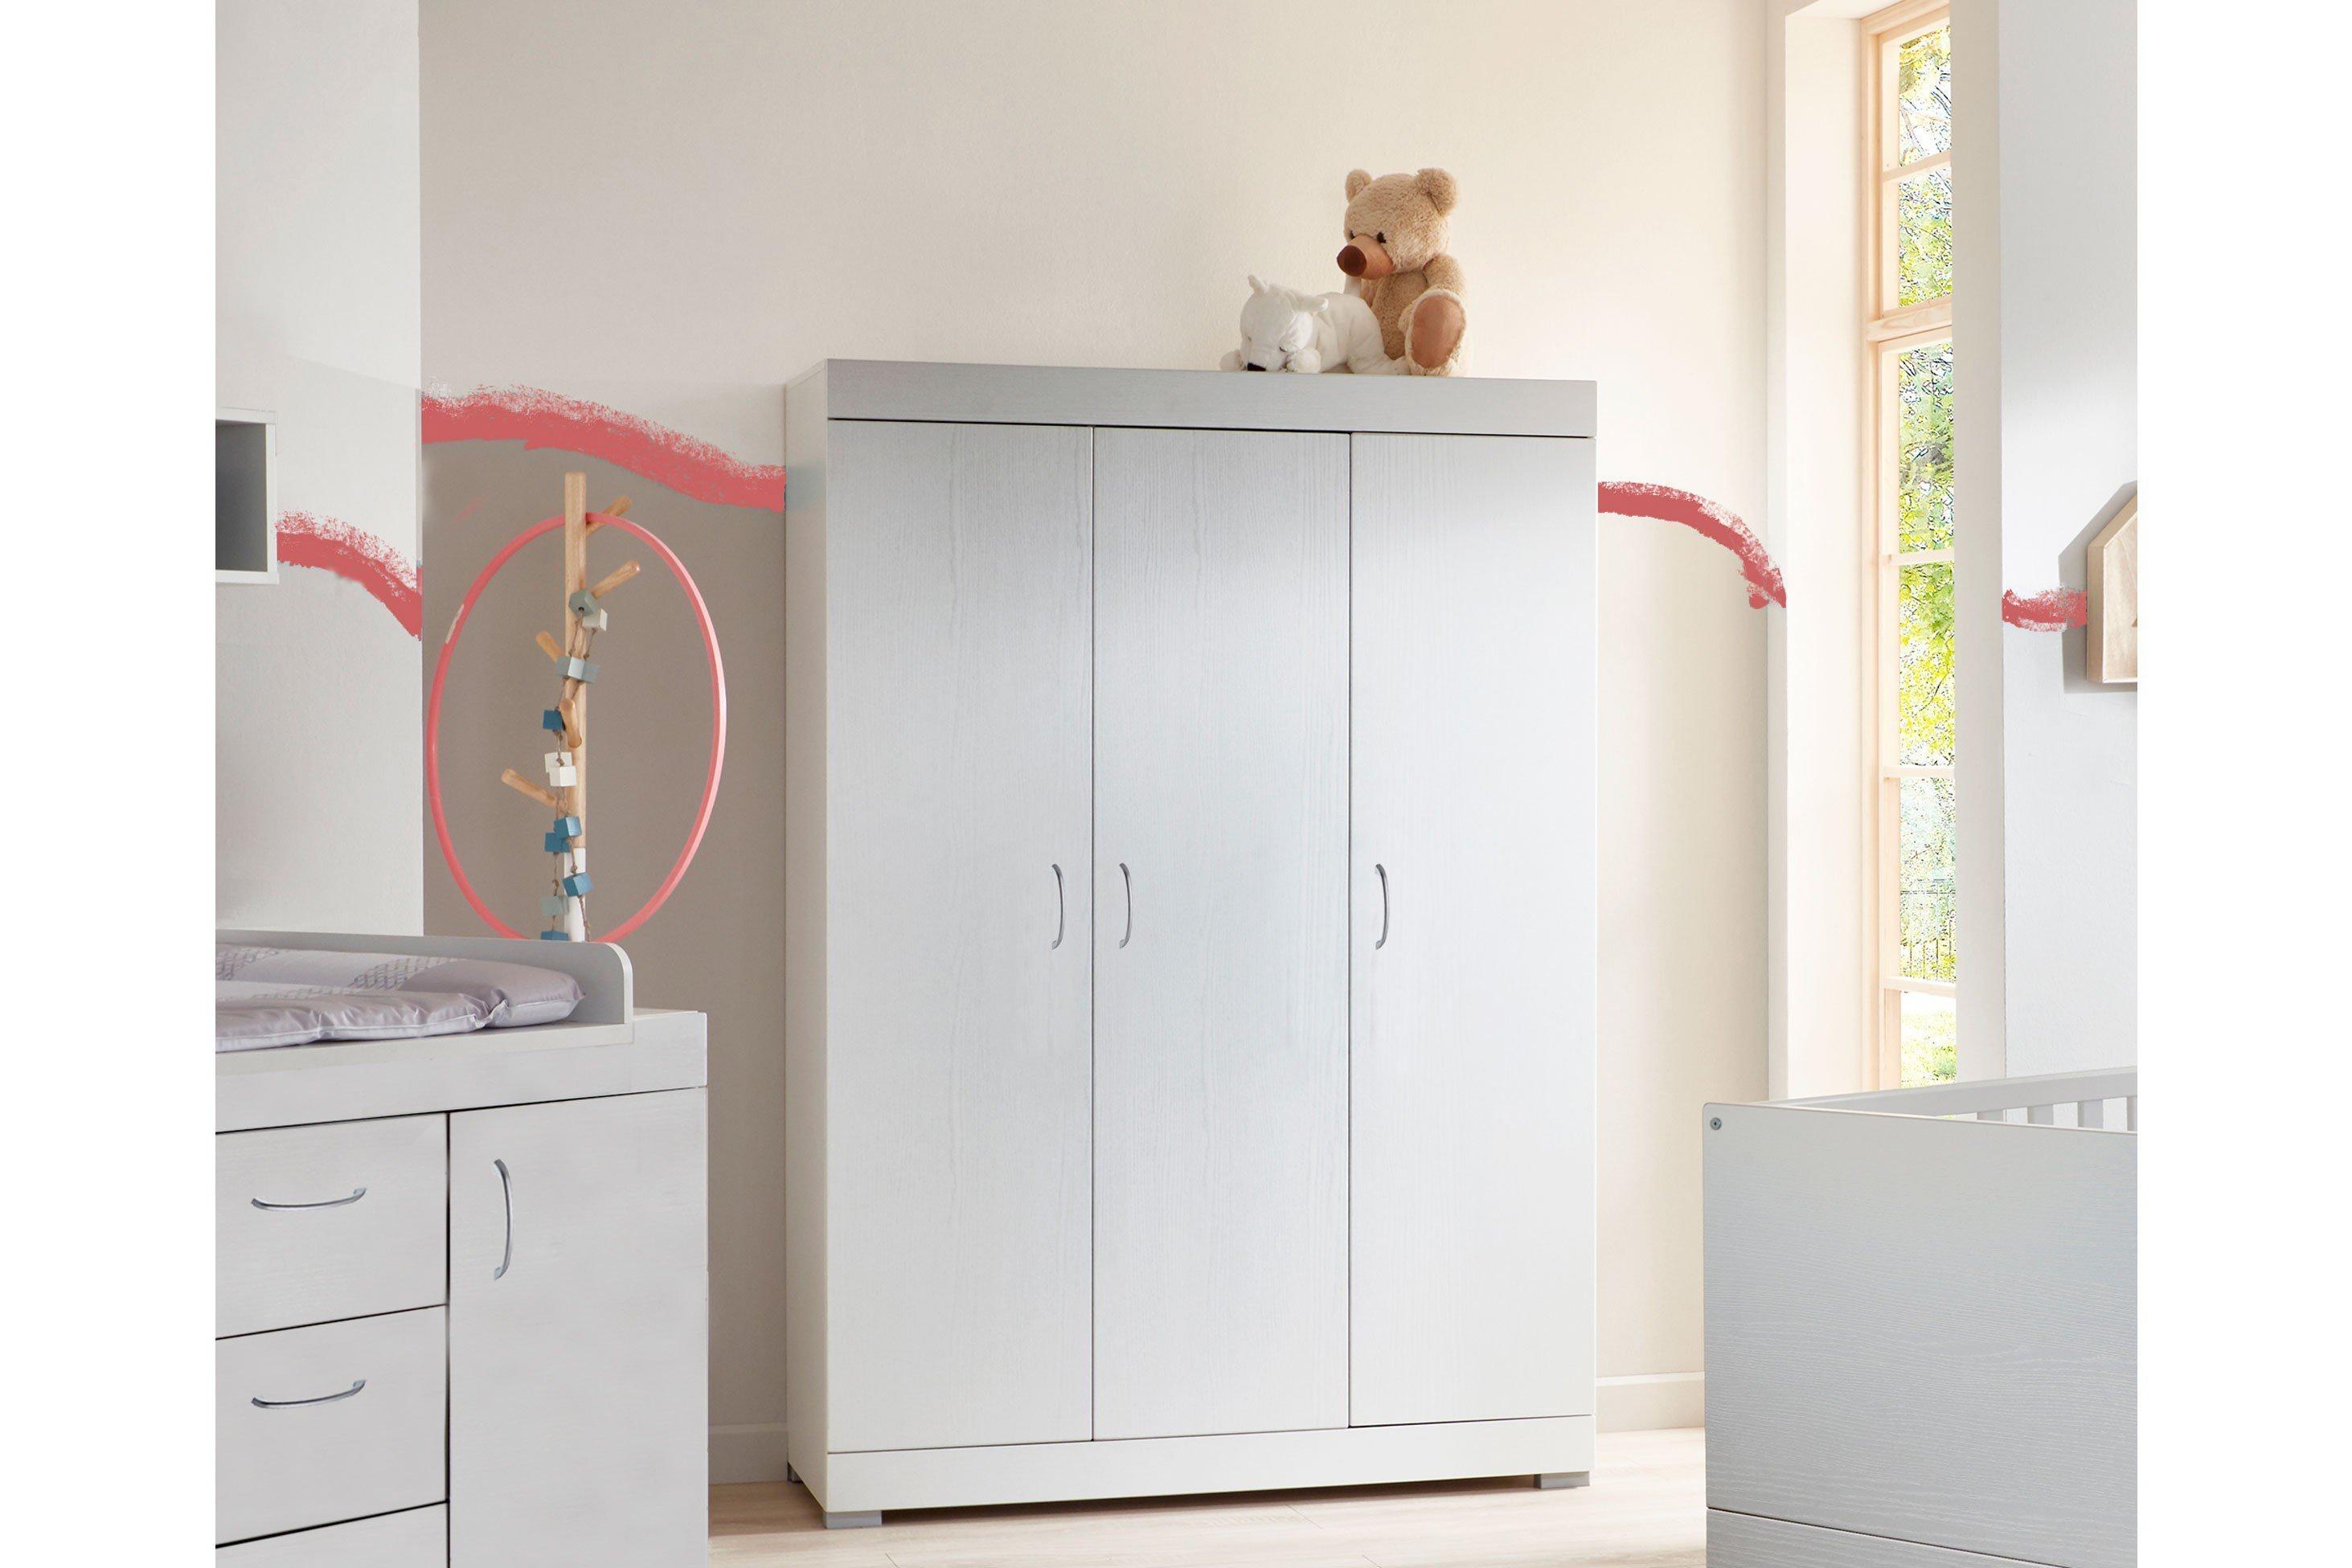 arthur berndt maris kleiderschrank ca 130 cm breit m bel letz ihr online shop. Black Bedroom Furniture Sets. Home Design Ideas